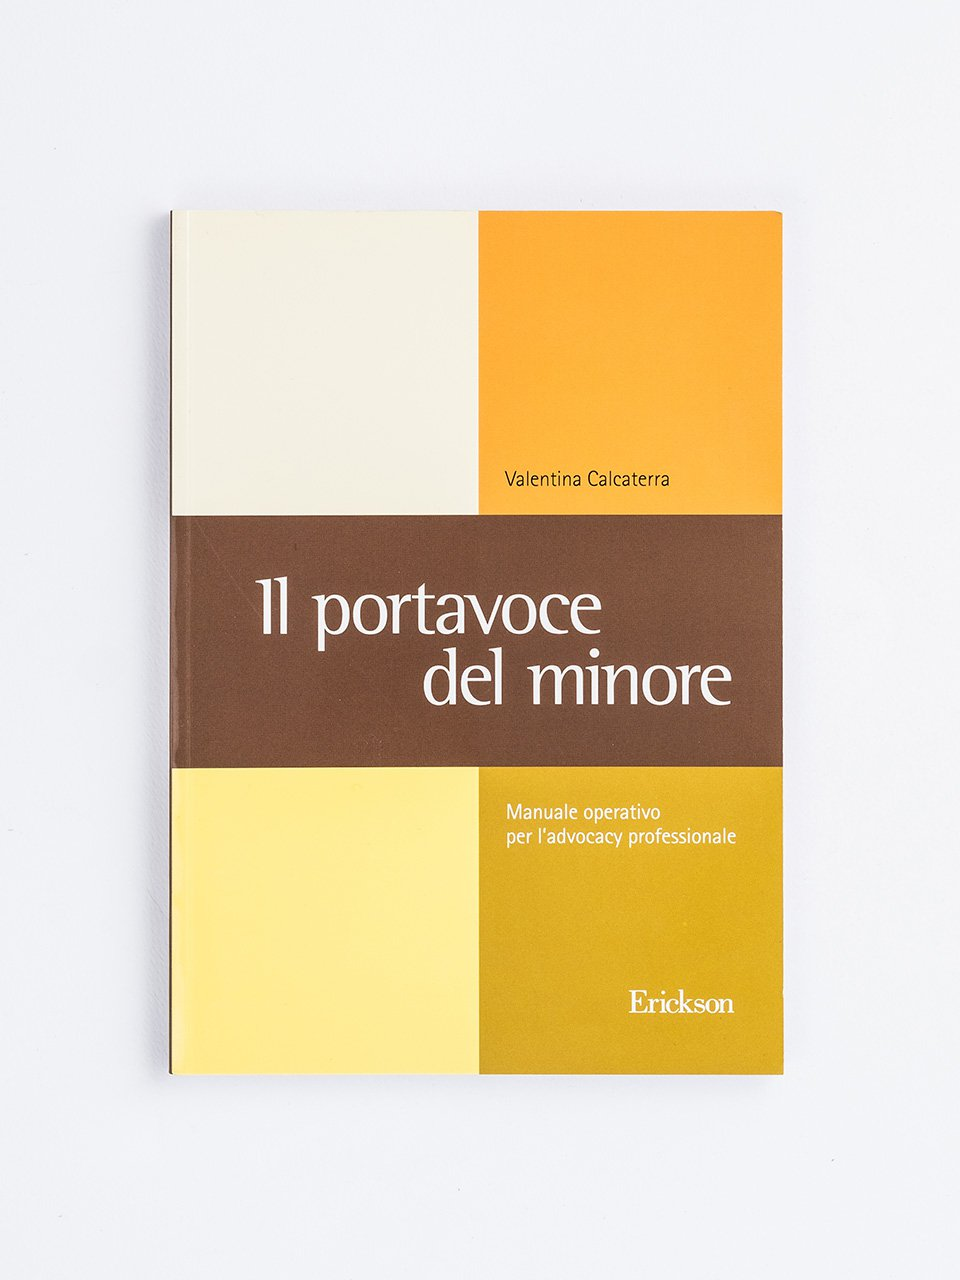 Il portavoce del minore - Dalla tua parte - Libri - Erickson